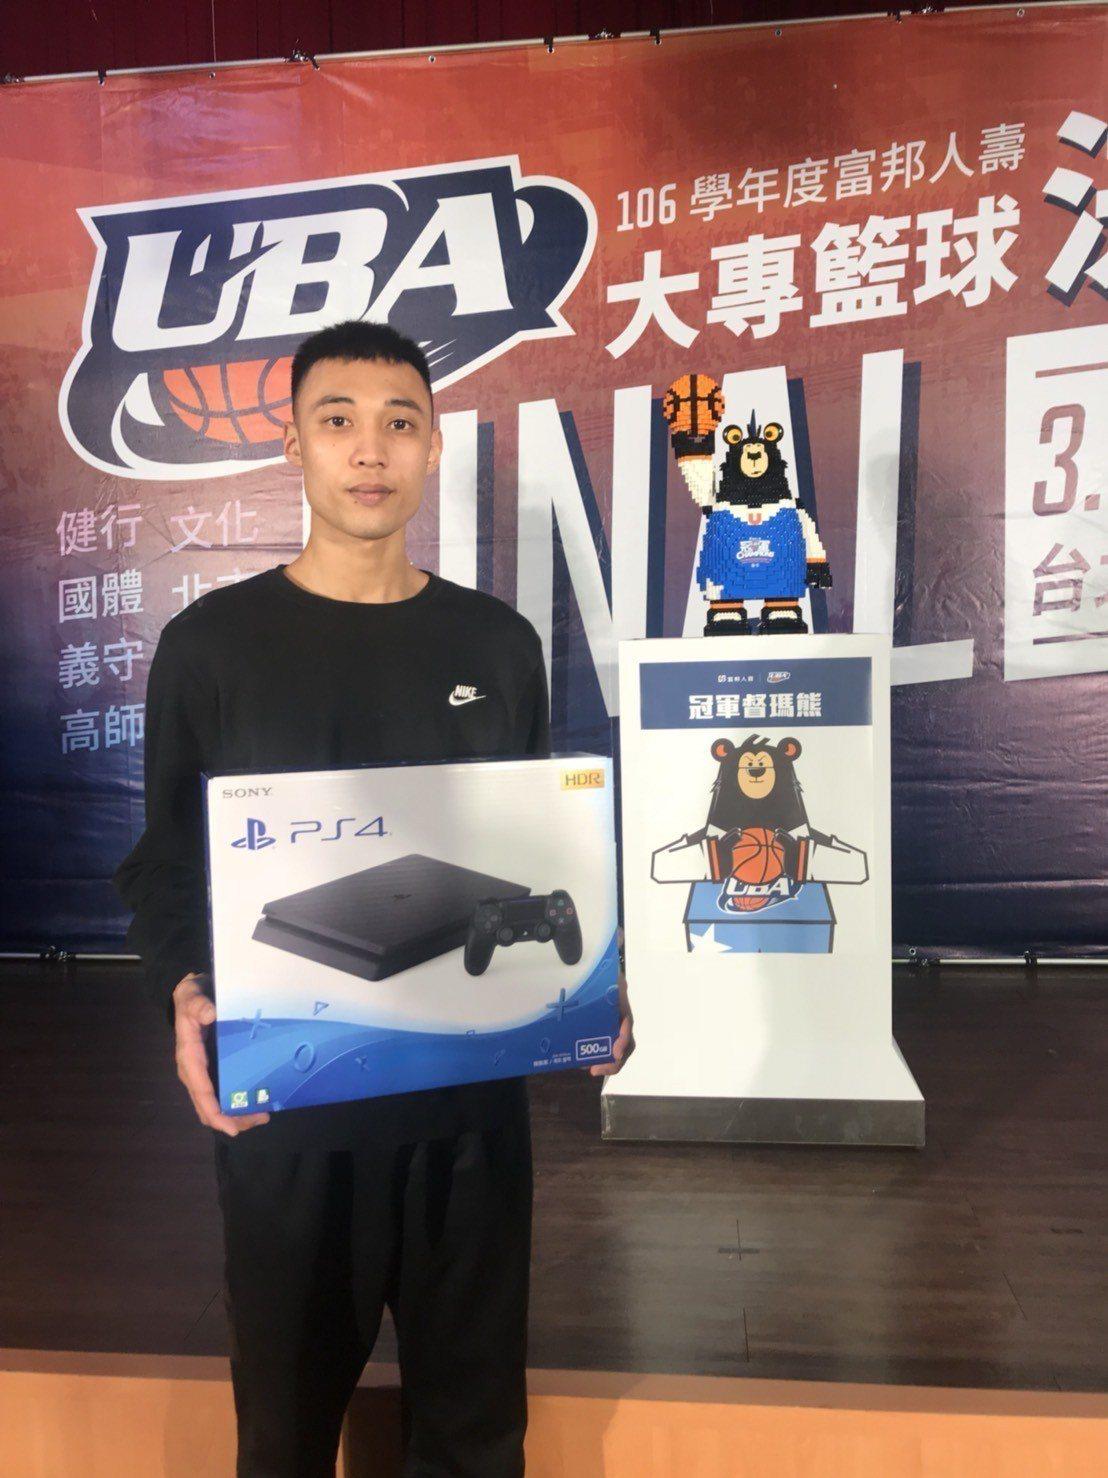 義守大學潘祥偉在記者會上抽到最大獎PS4遊戲主機。記者劉肇育/攝影